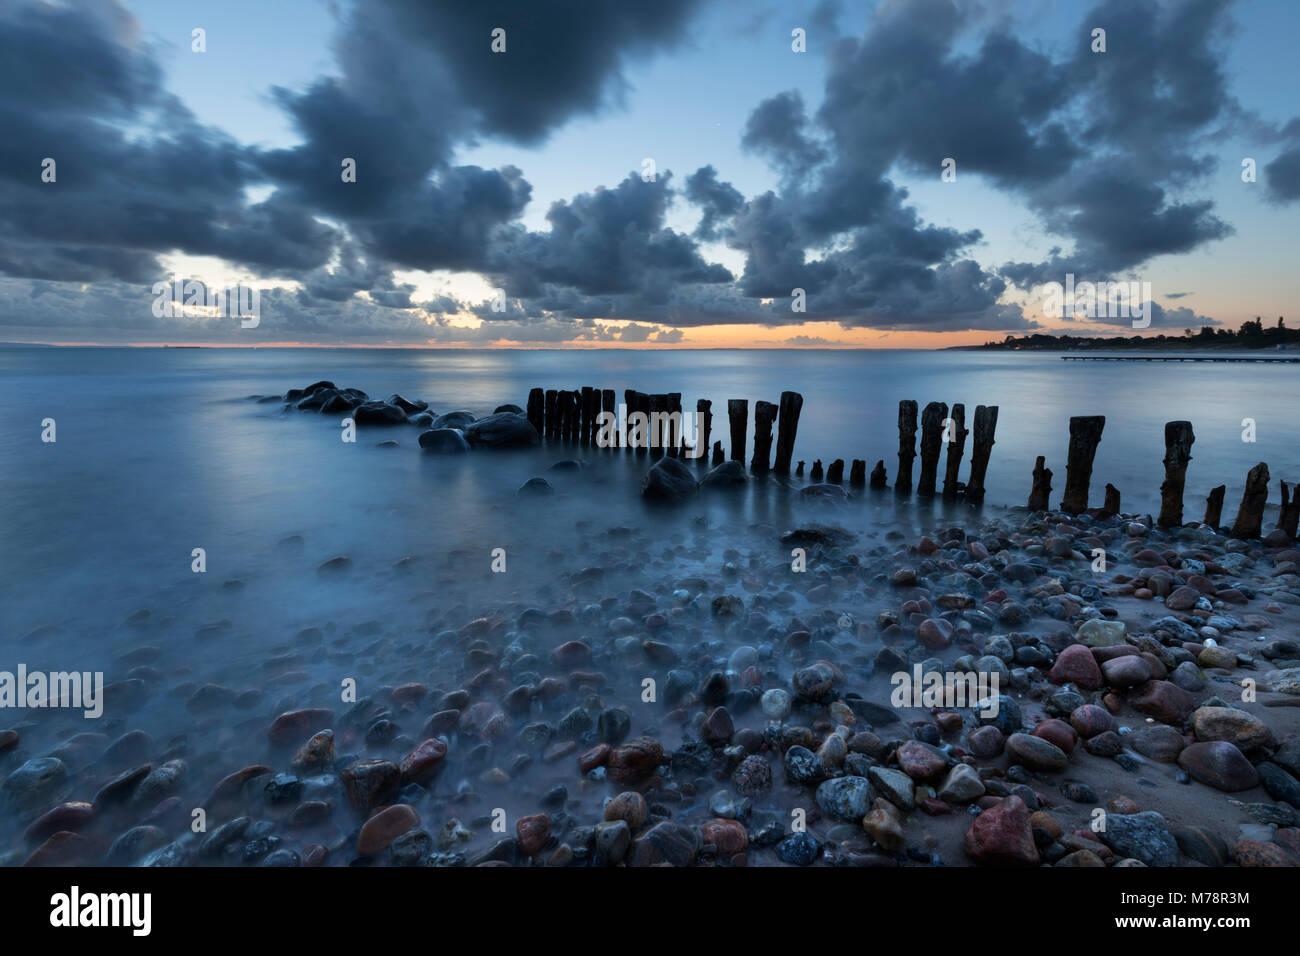 Vieux pieux en bois aller en mer et de galets sur la plage à l'aube, Munkerup, le Kattegat, la Nouvelle-Zélande, Banque D'Images